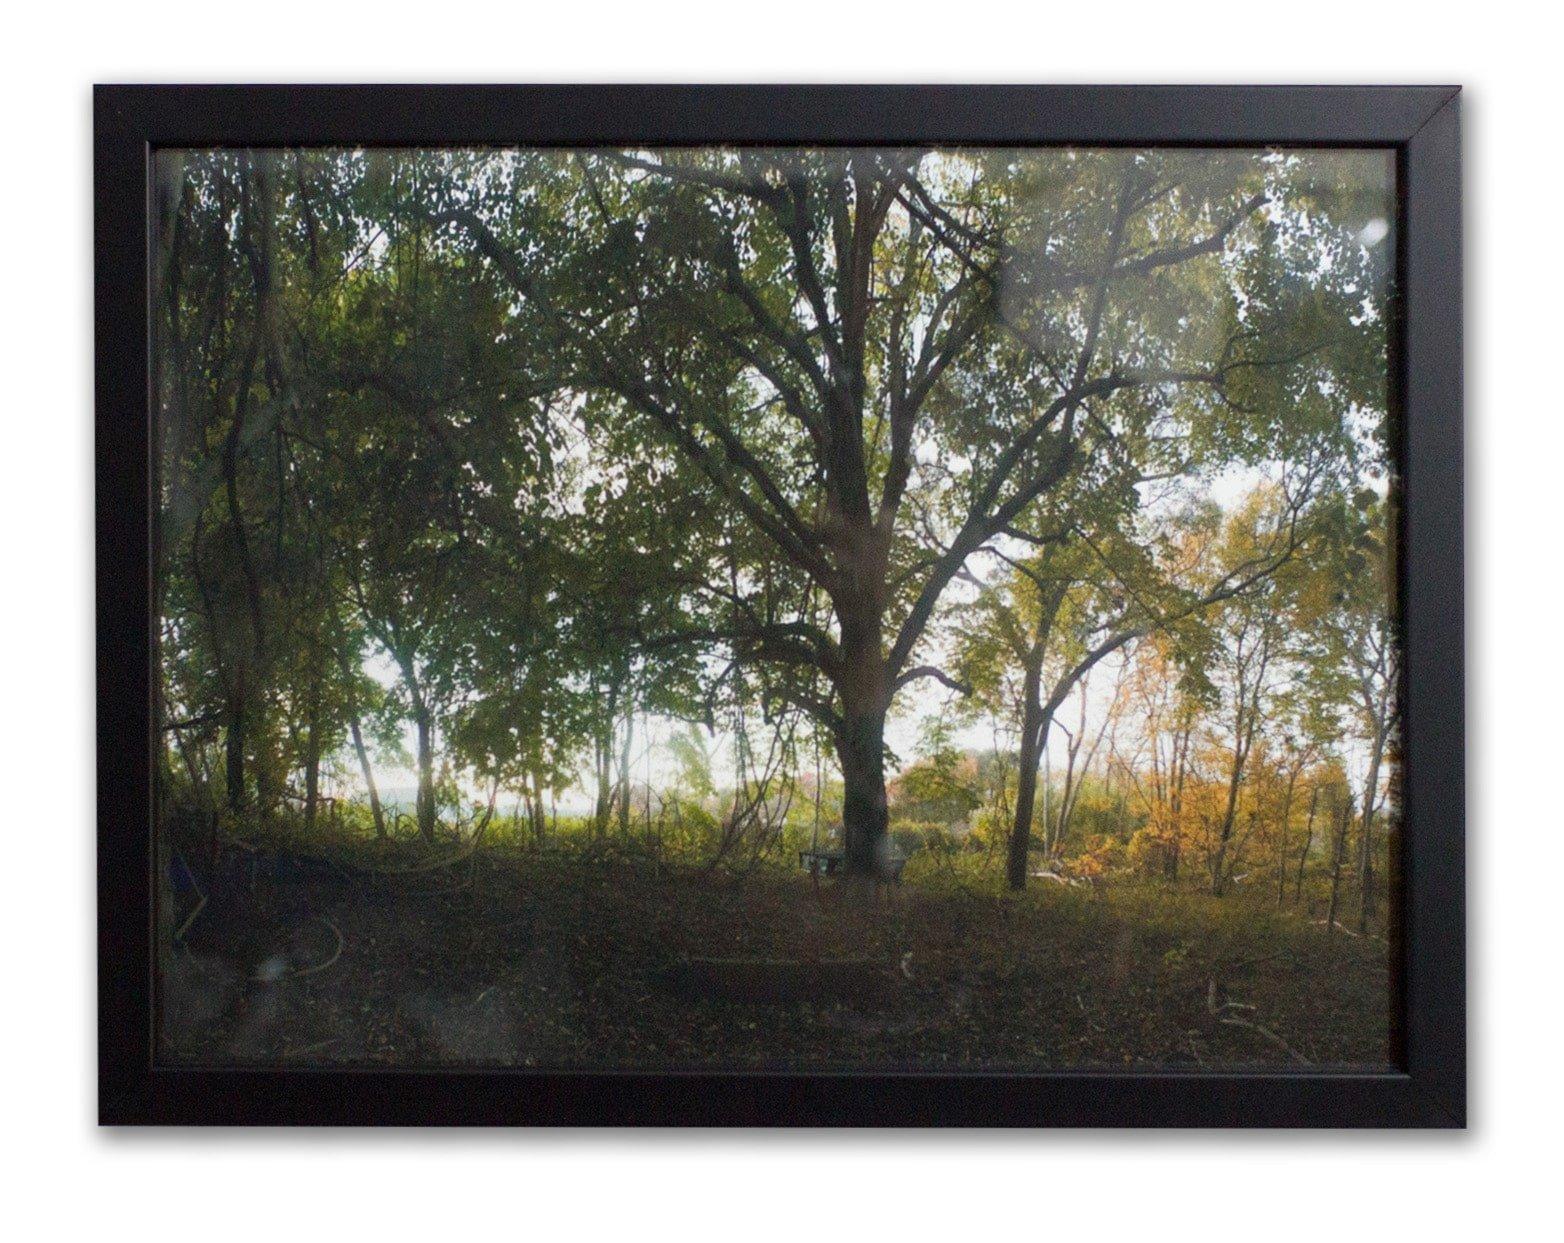 parrish pond 1